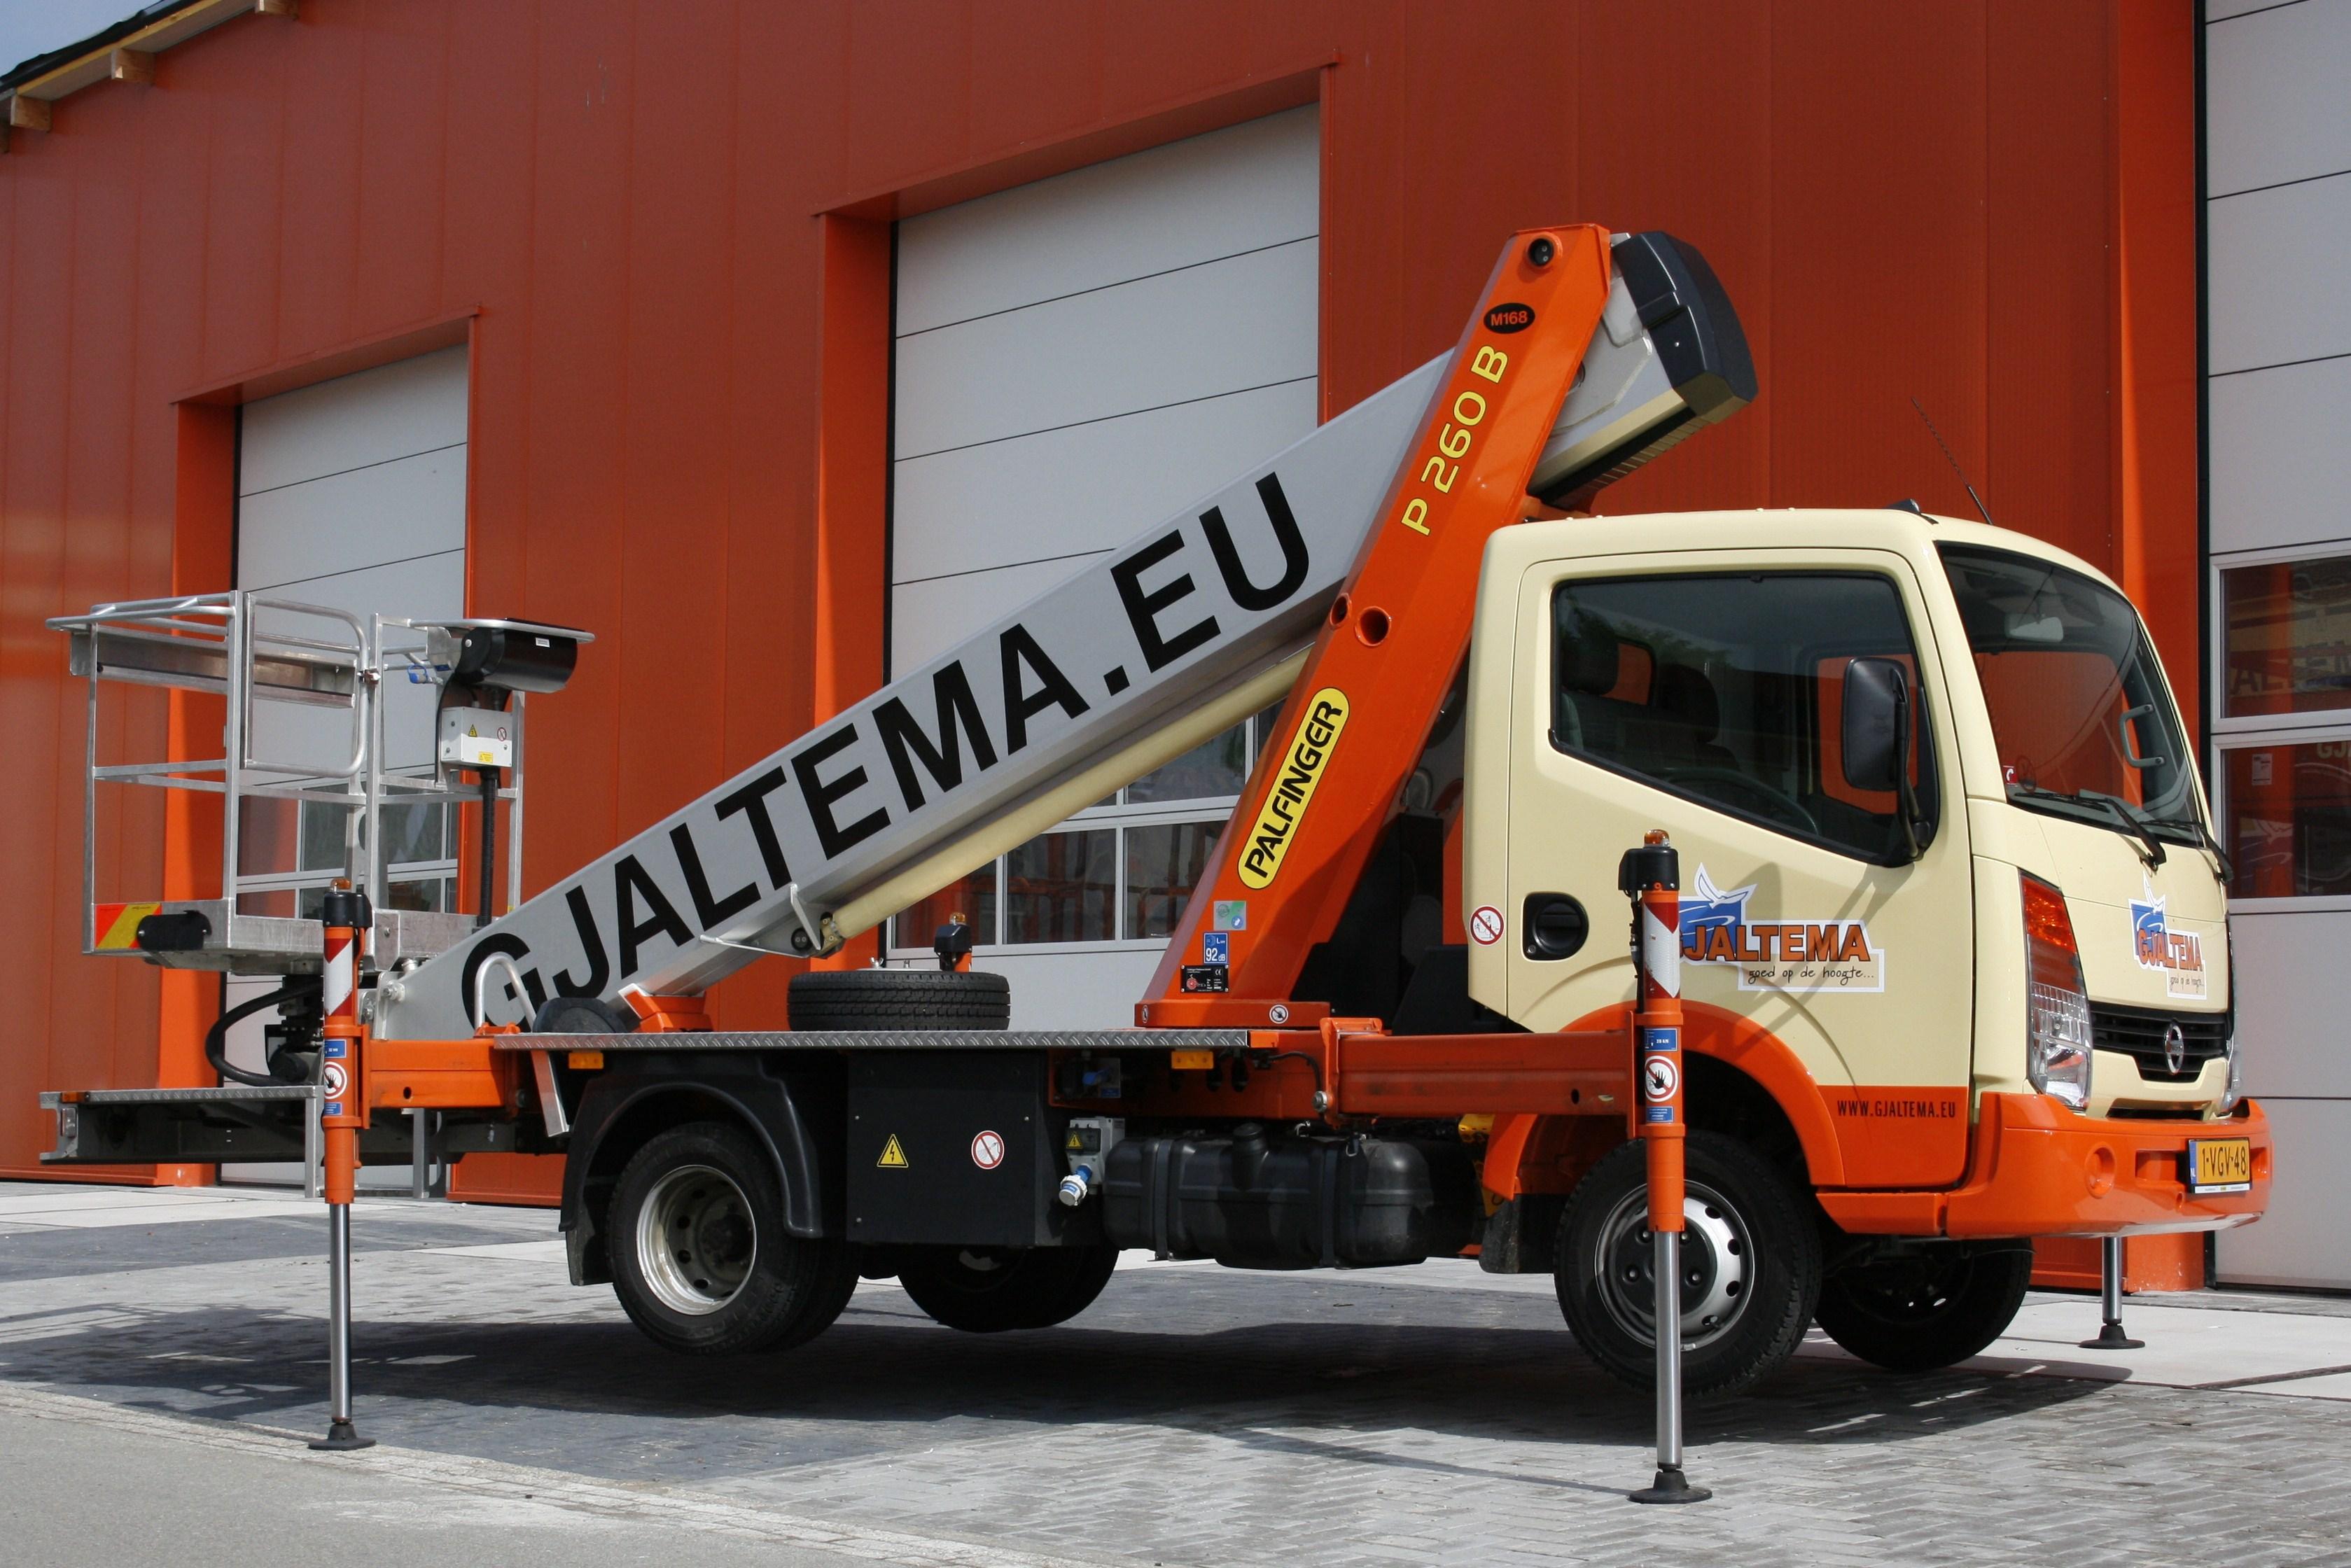 Auto hoogwerkers - Gjaltema Groep